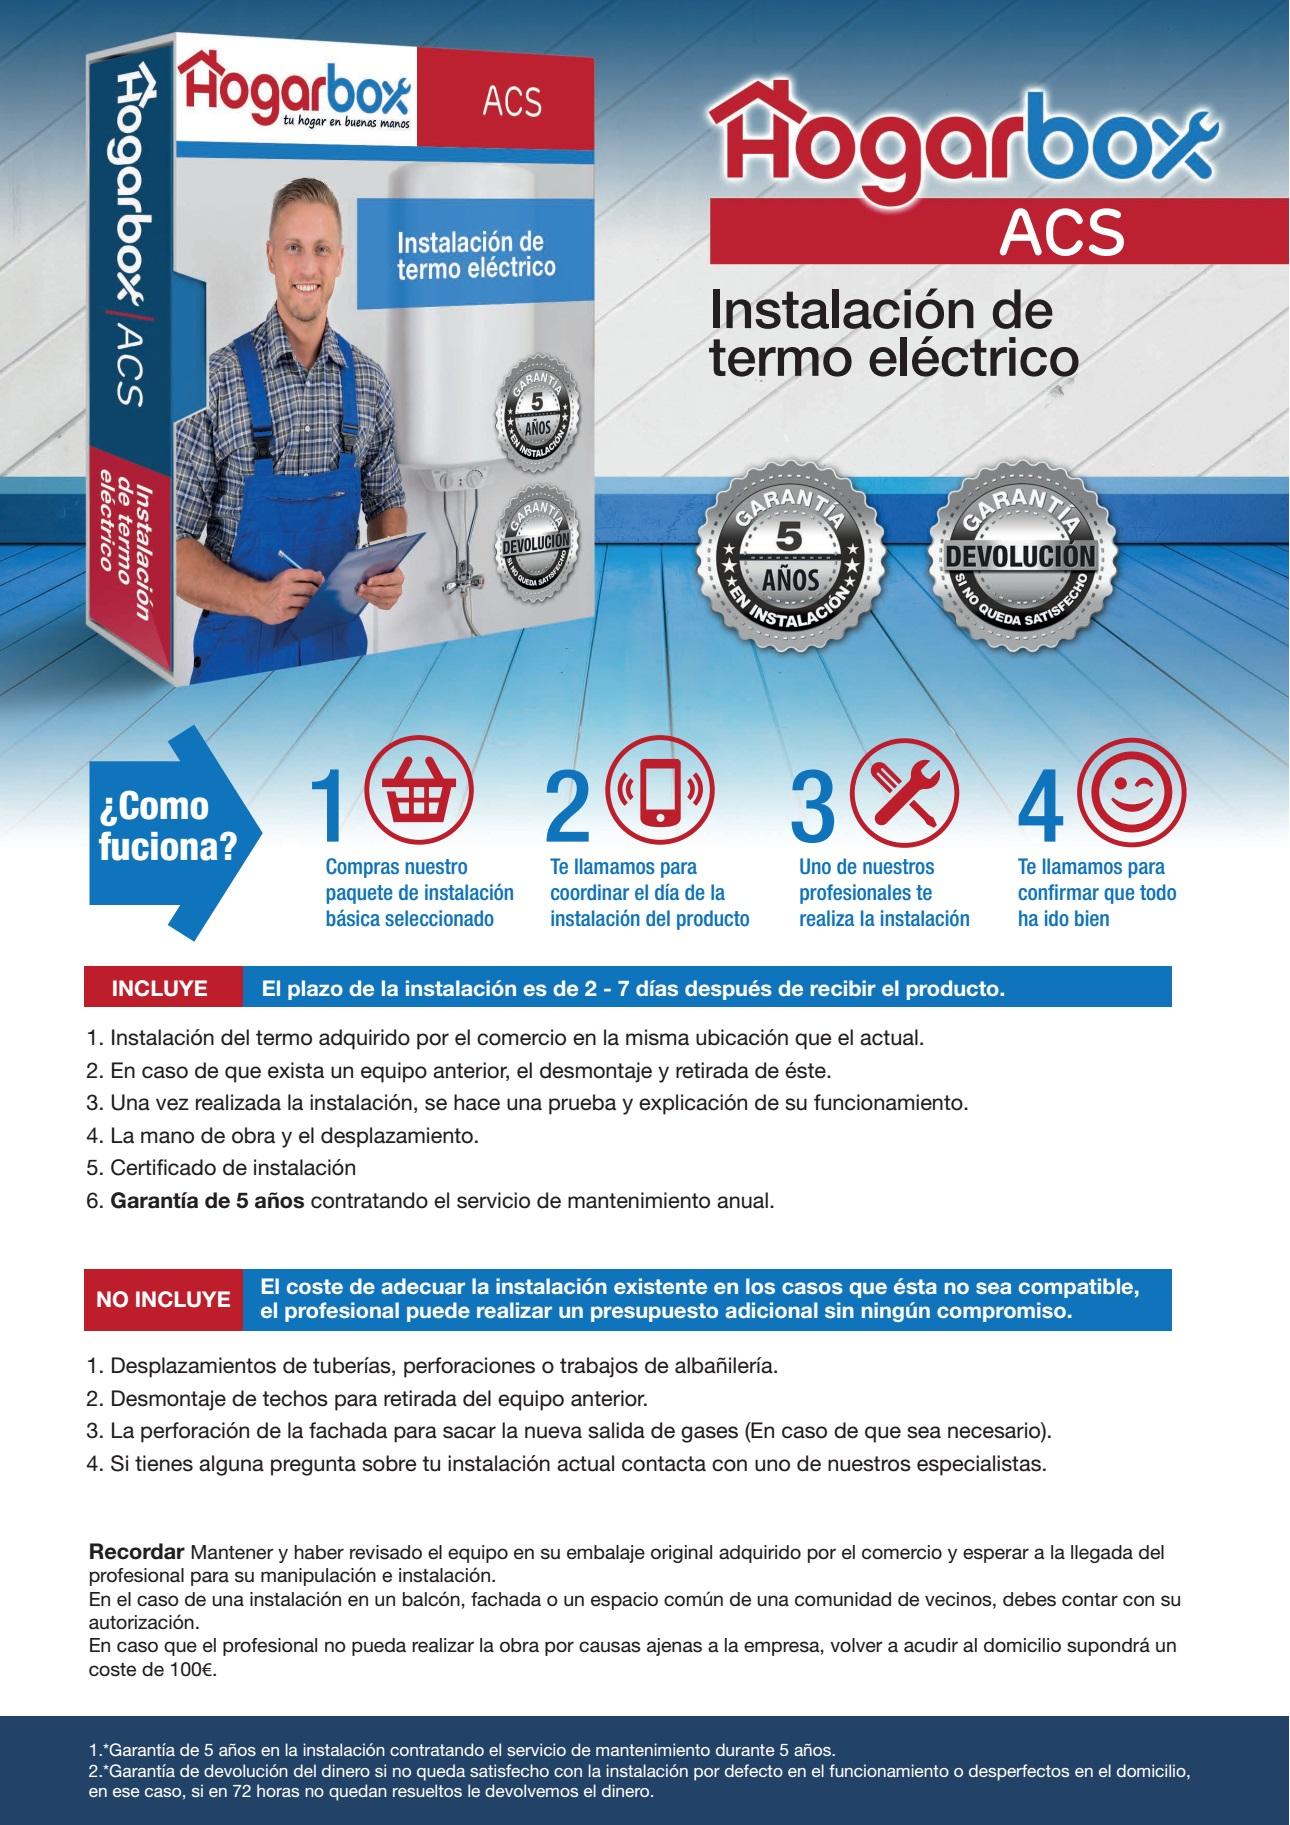 Hogarbox acs precio instalaci n termo el ctrico - Termo electrico instalacion ...